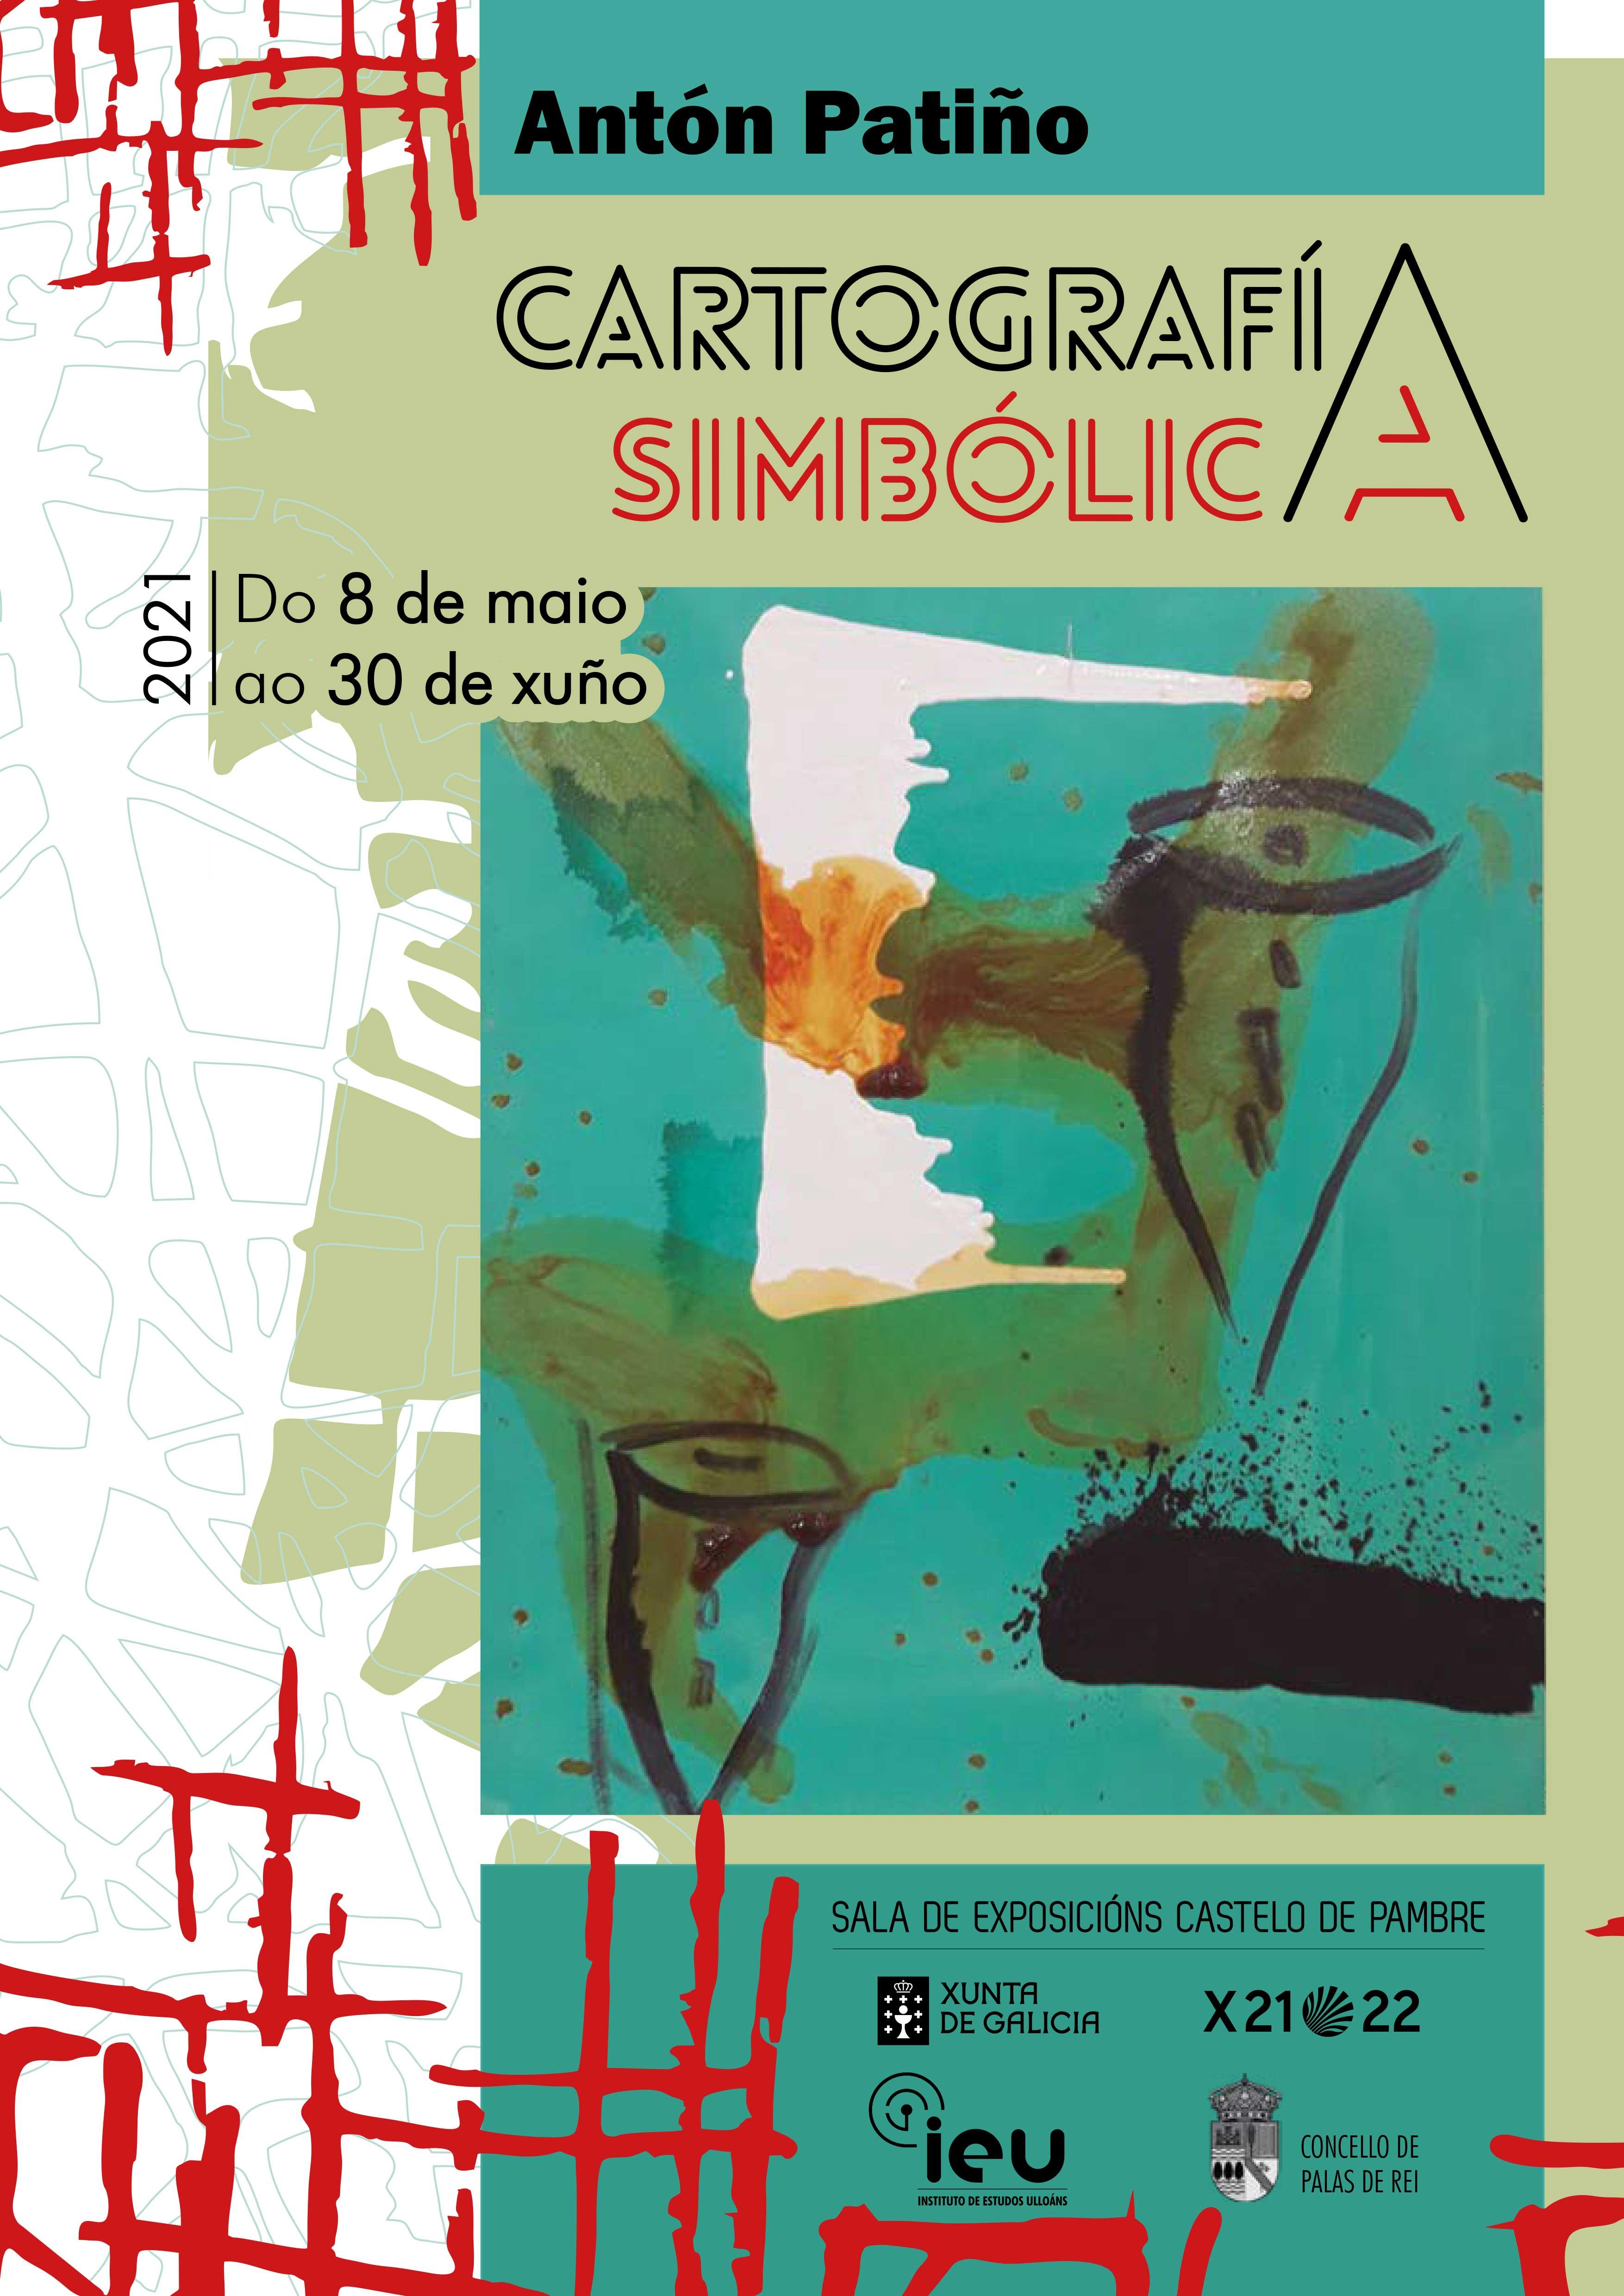 Cartografía simbólica, Antón Patiño, castelo de pambre, Instituto de Estudos Ulloáns